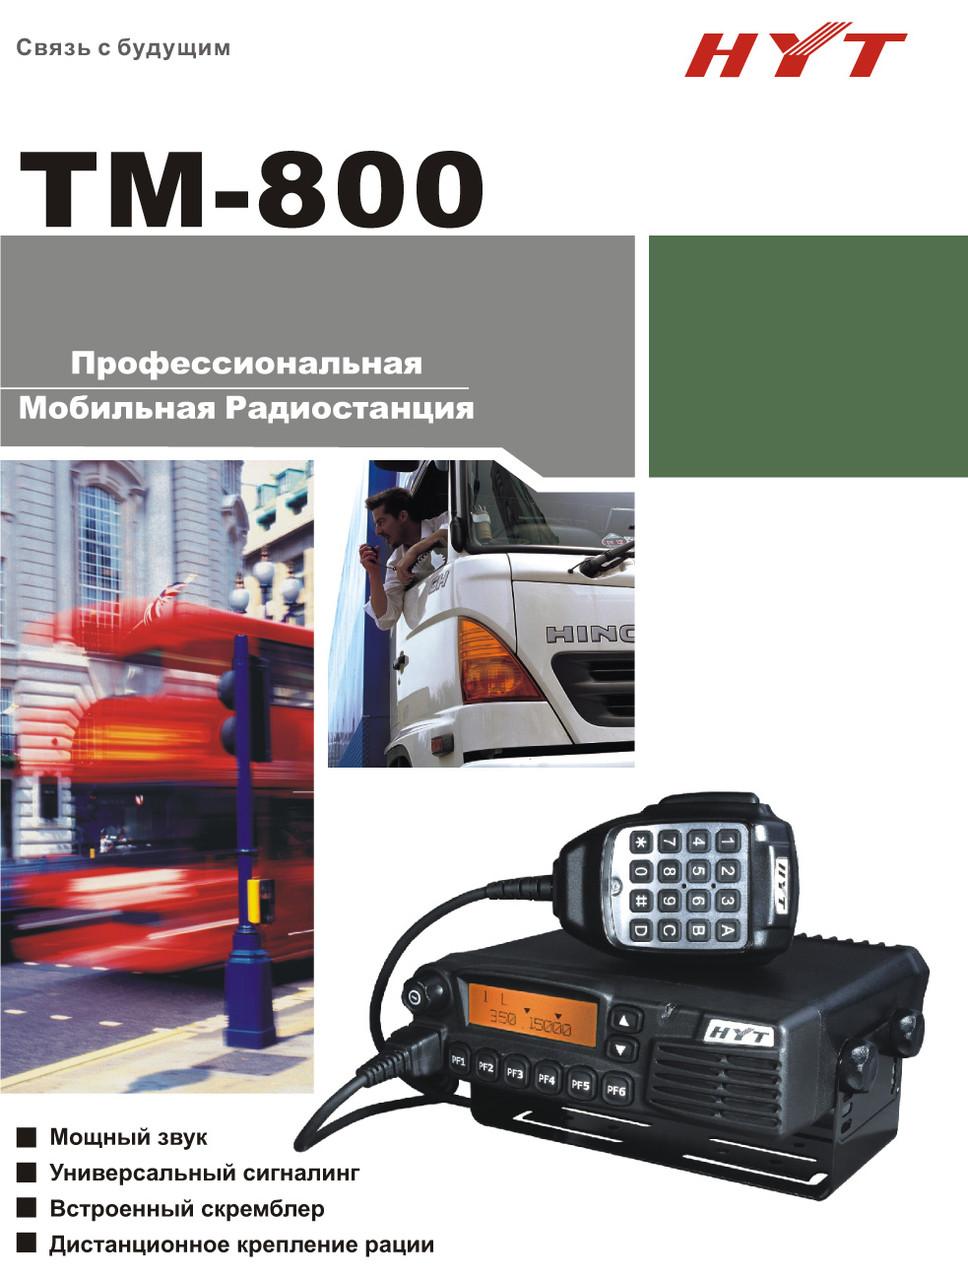 Мобильная радиостанция HYT TM-800